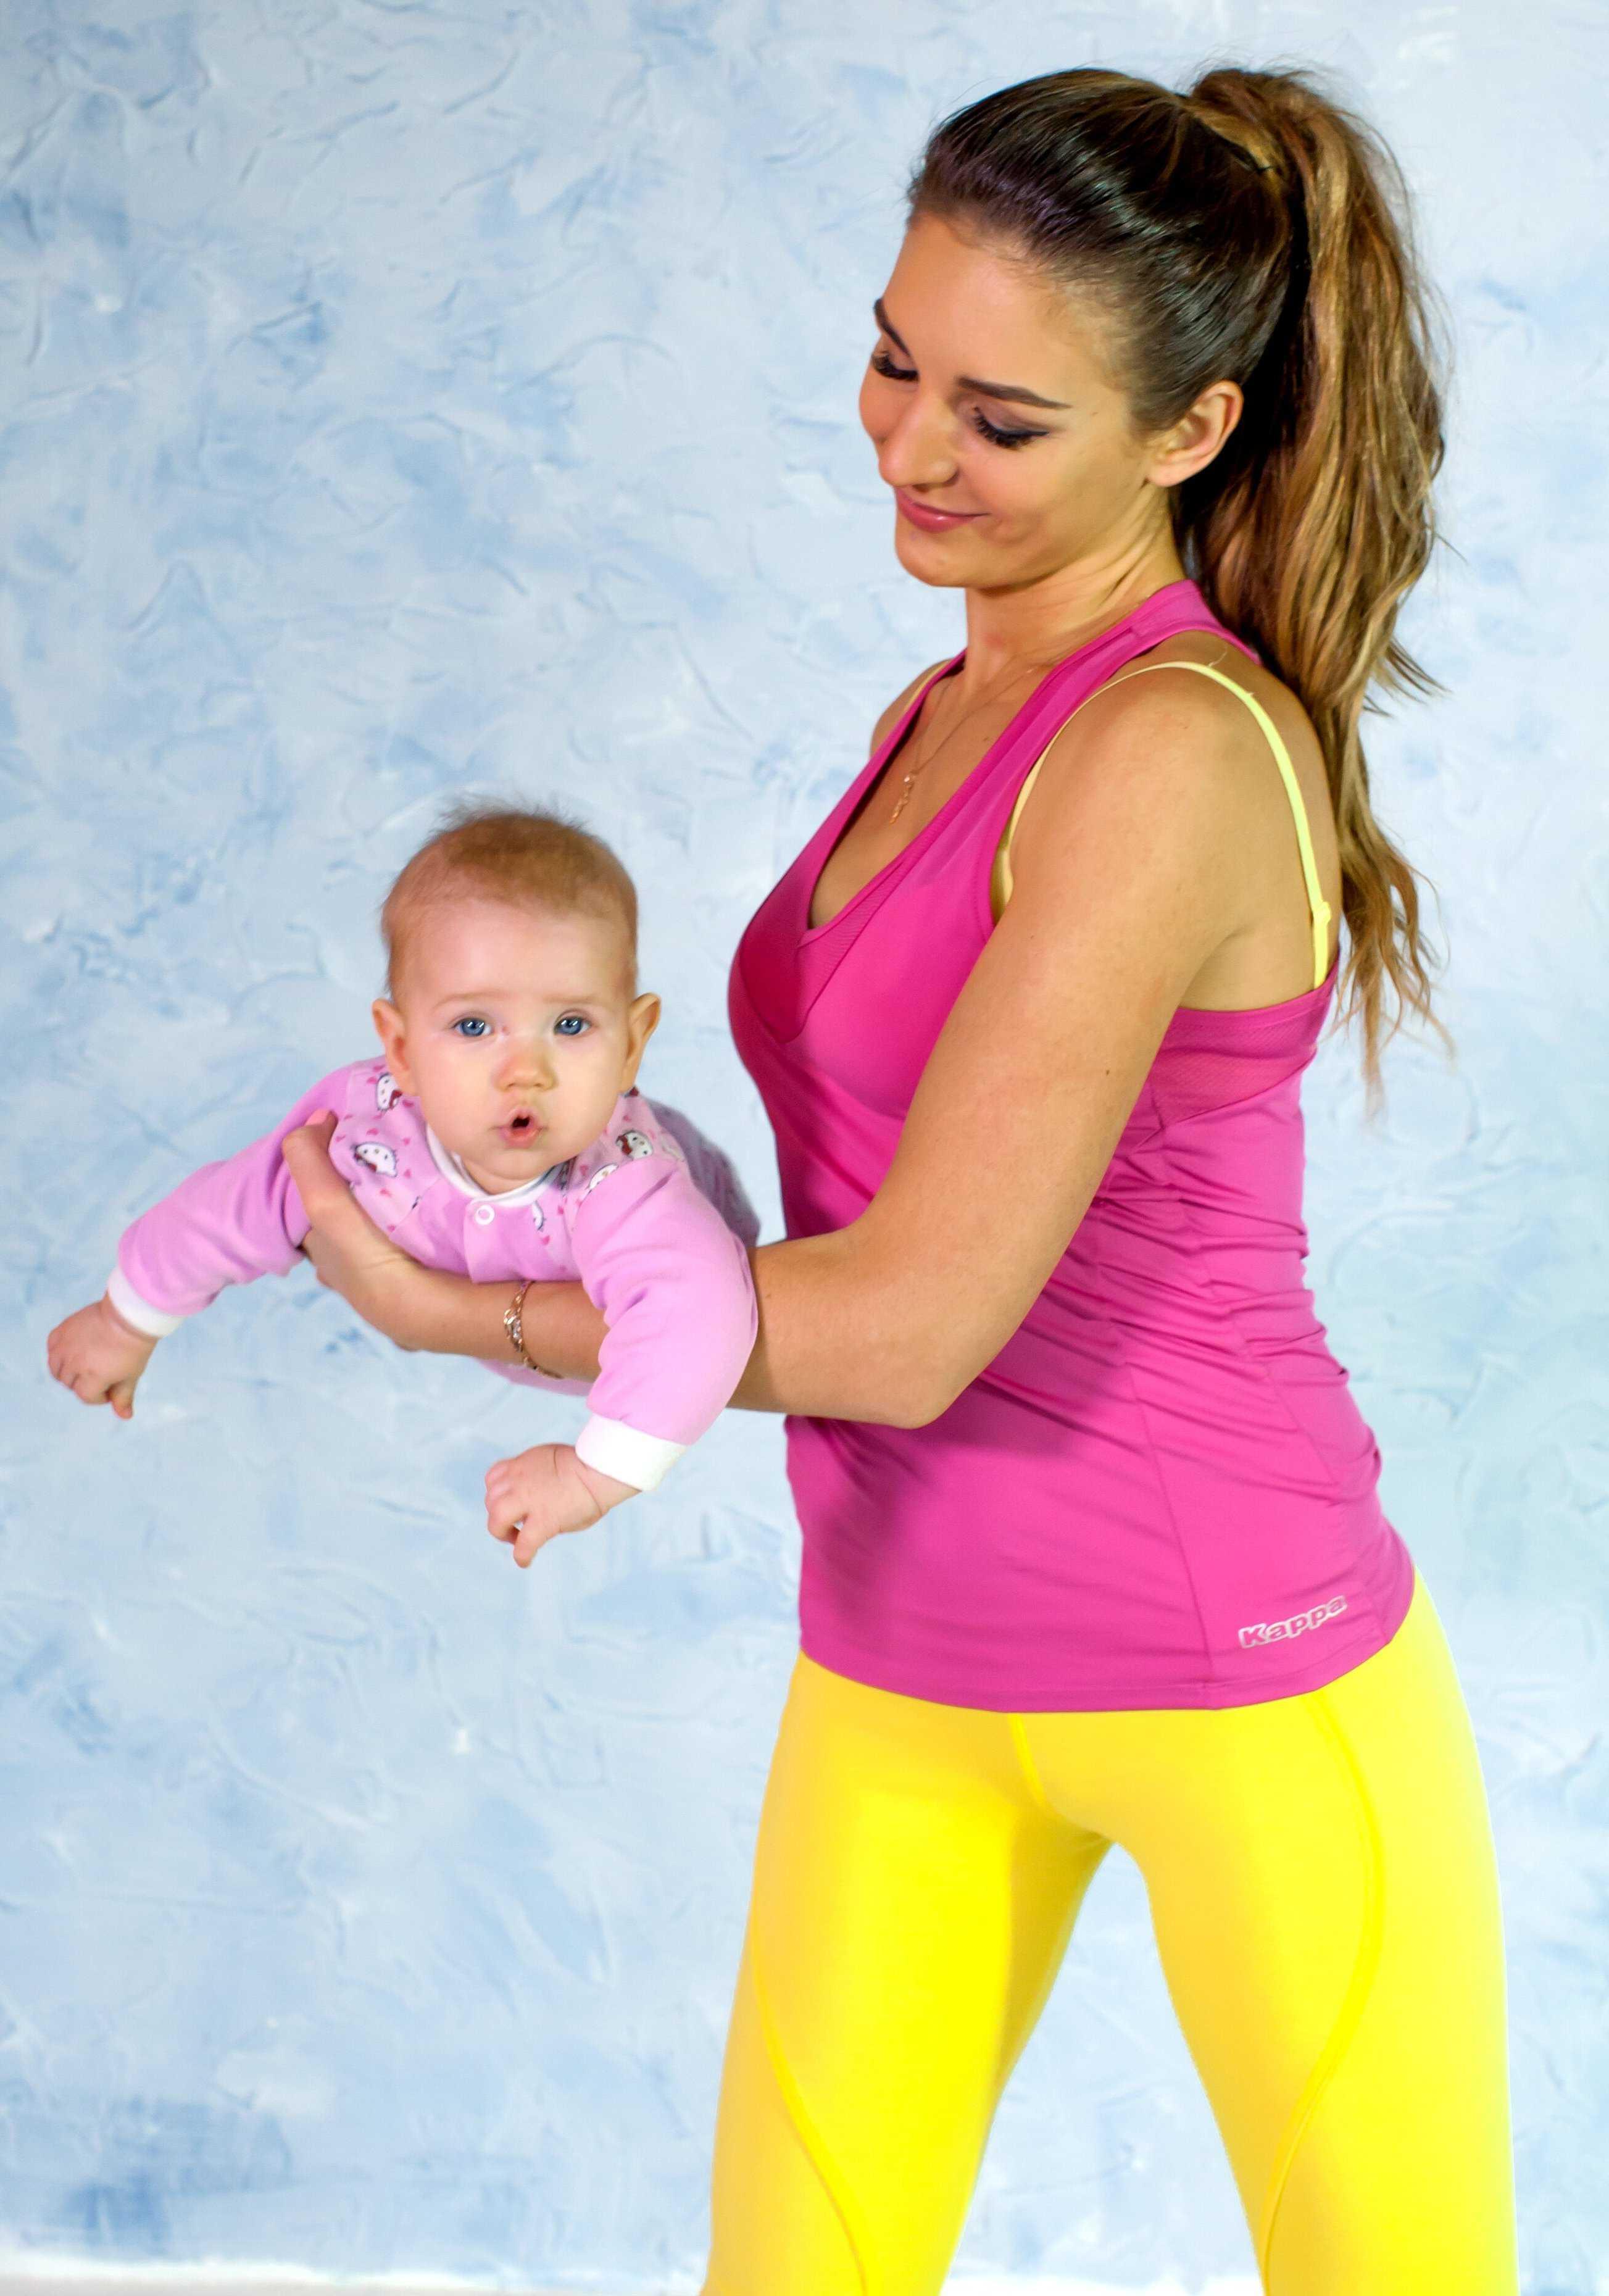 Можно ли беременным заниматься фитнесом: 3 варианта. фитнес и физкультура для беременных: упражнения для будущей мамы